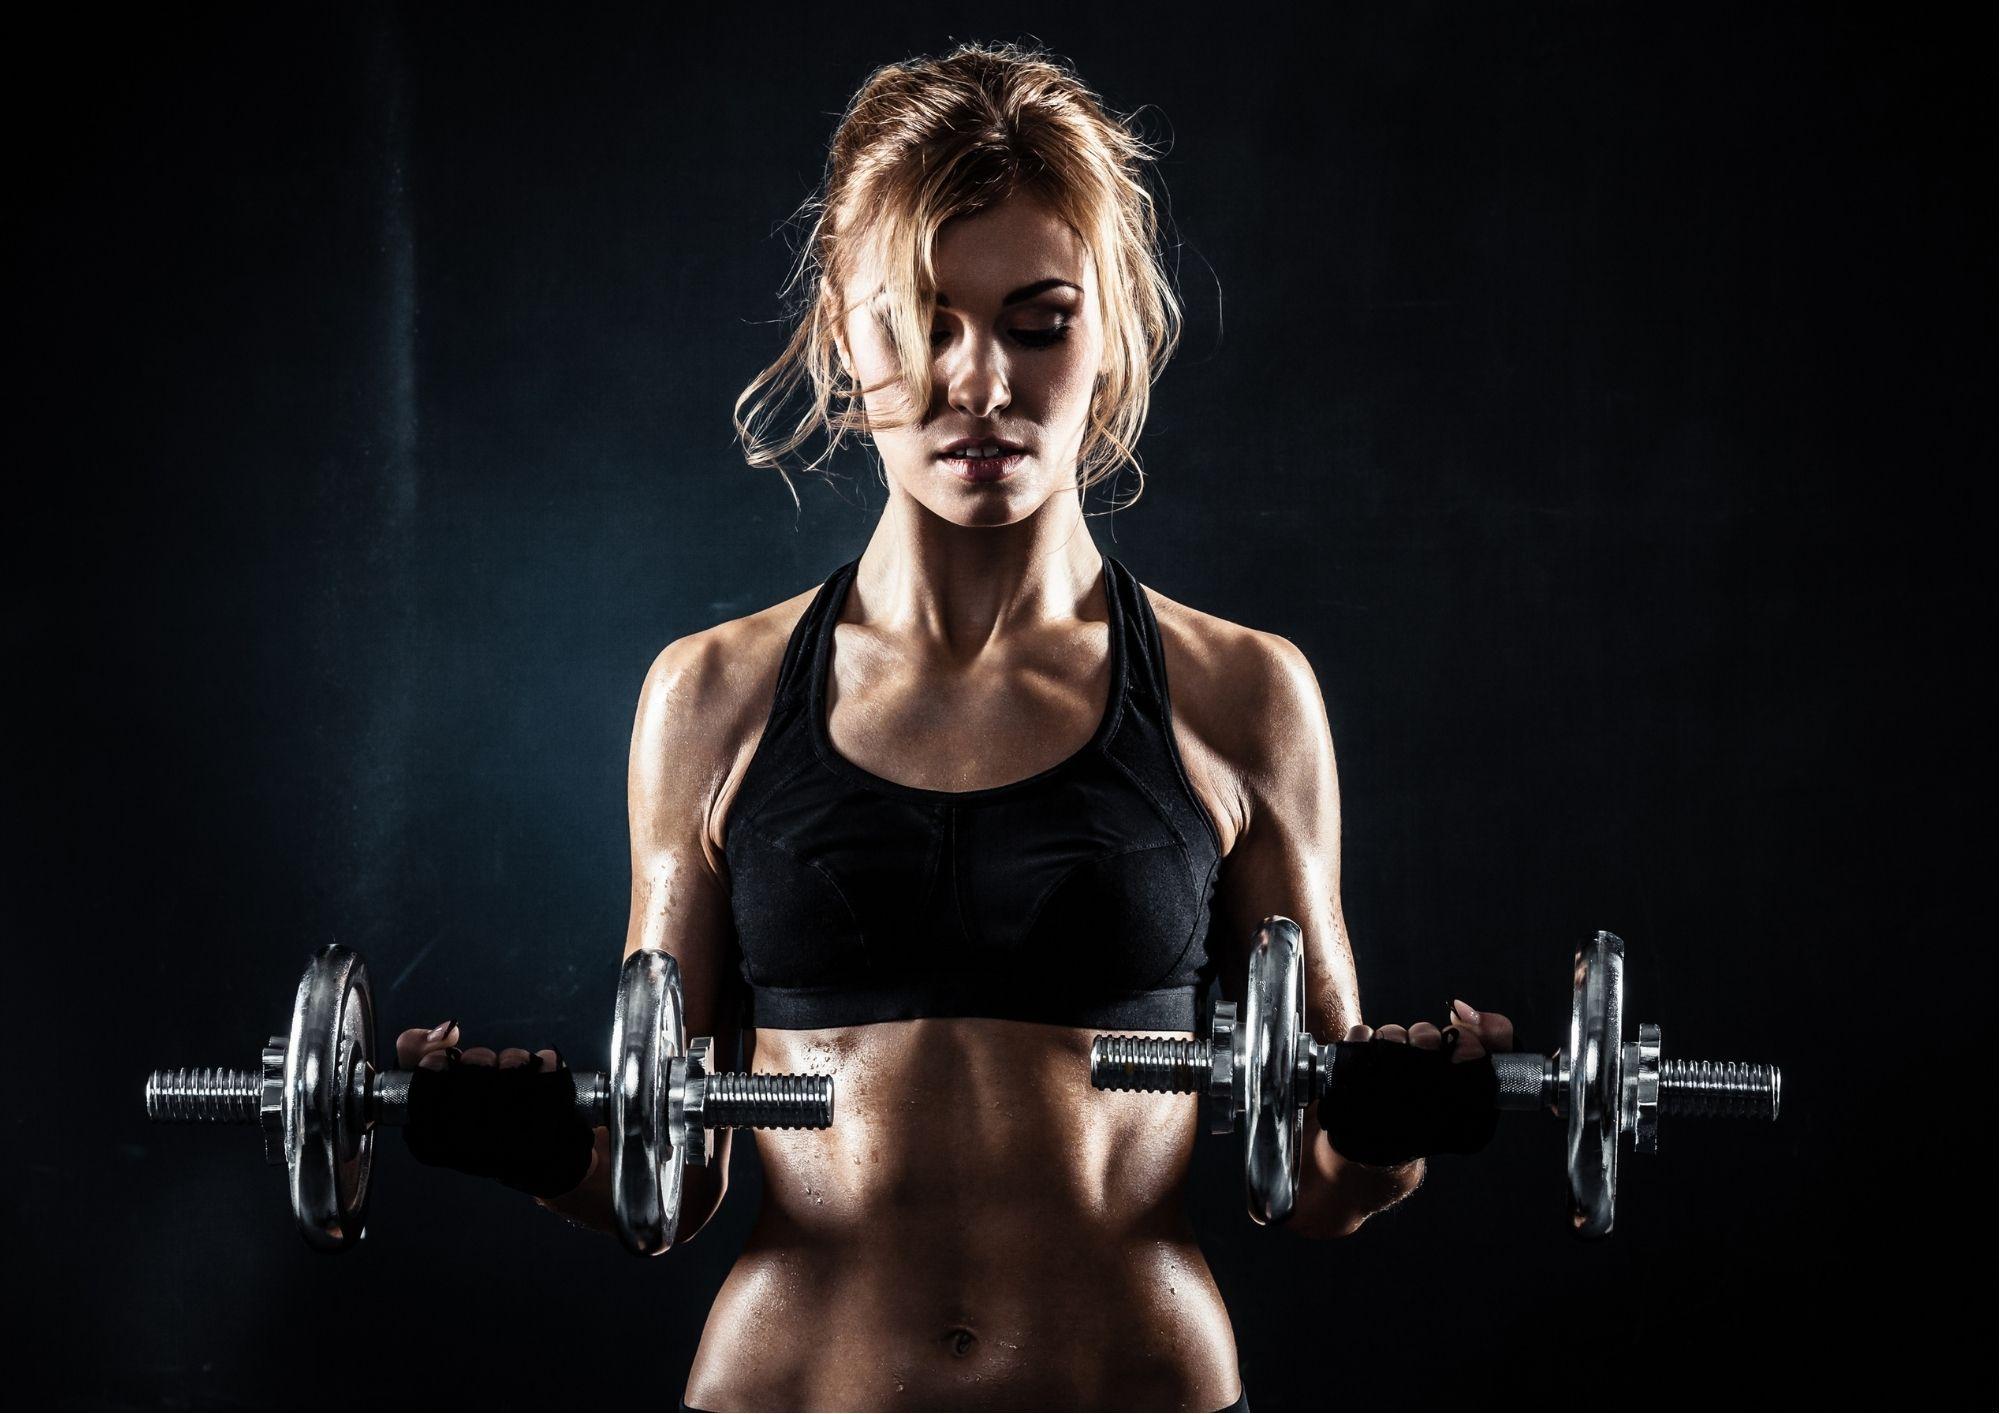 Entrenamiento de fuerza y sus trucos para para perder peso